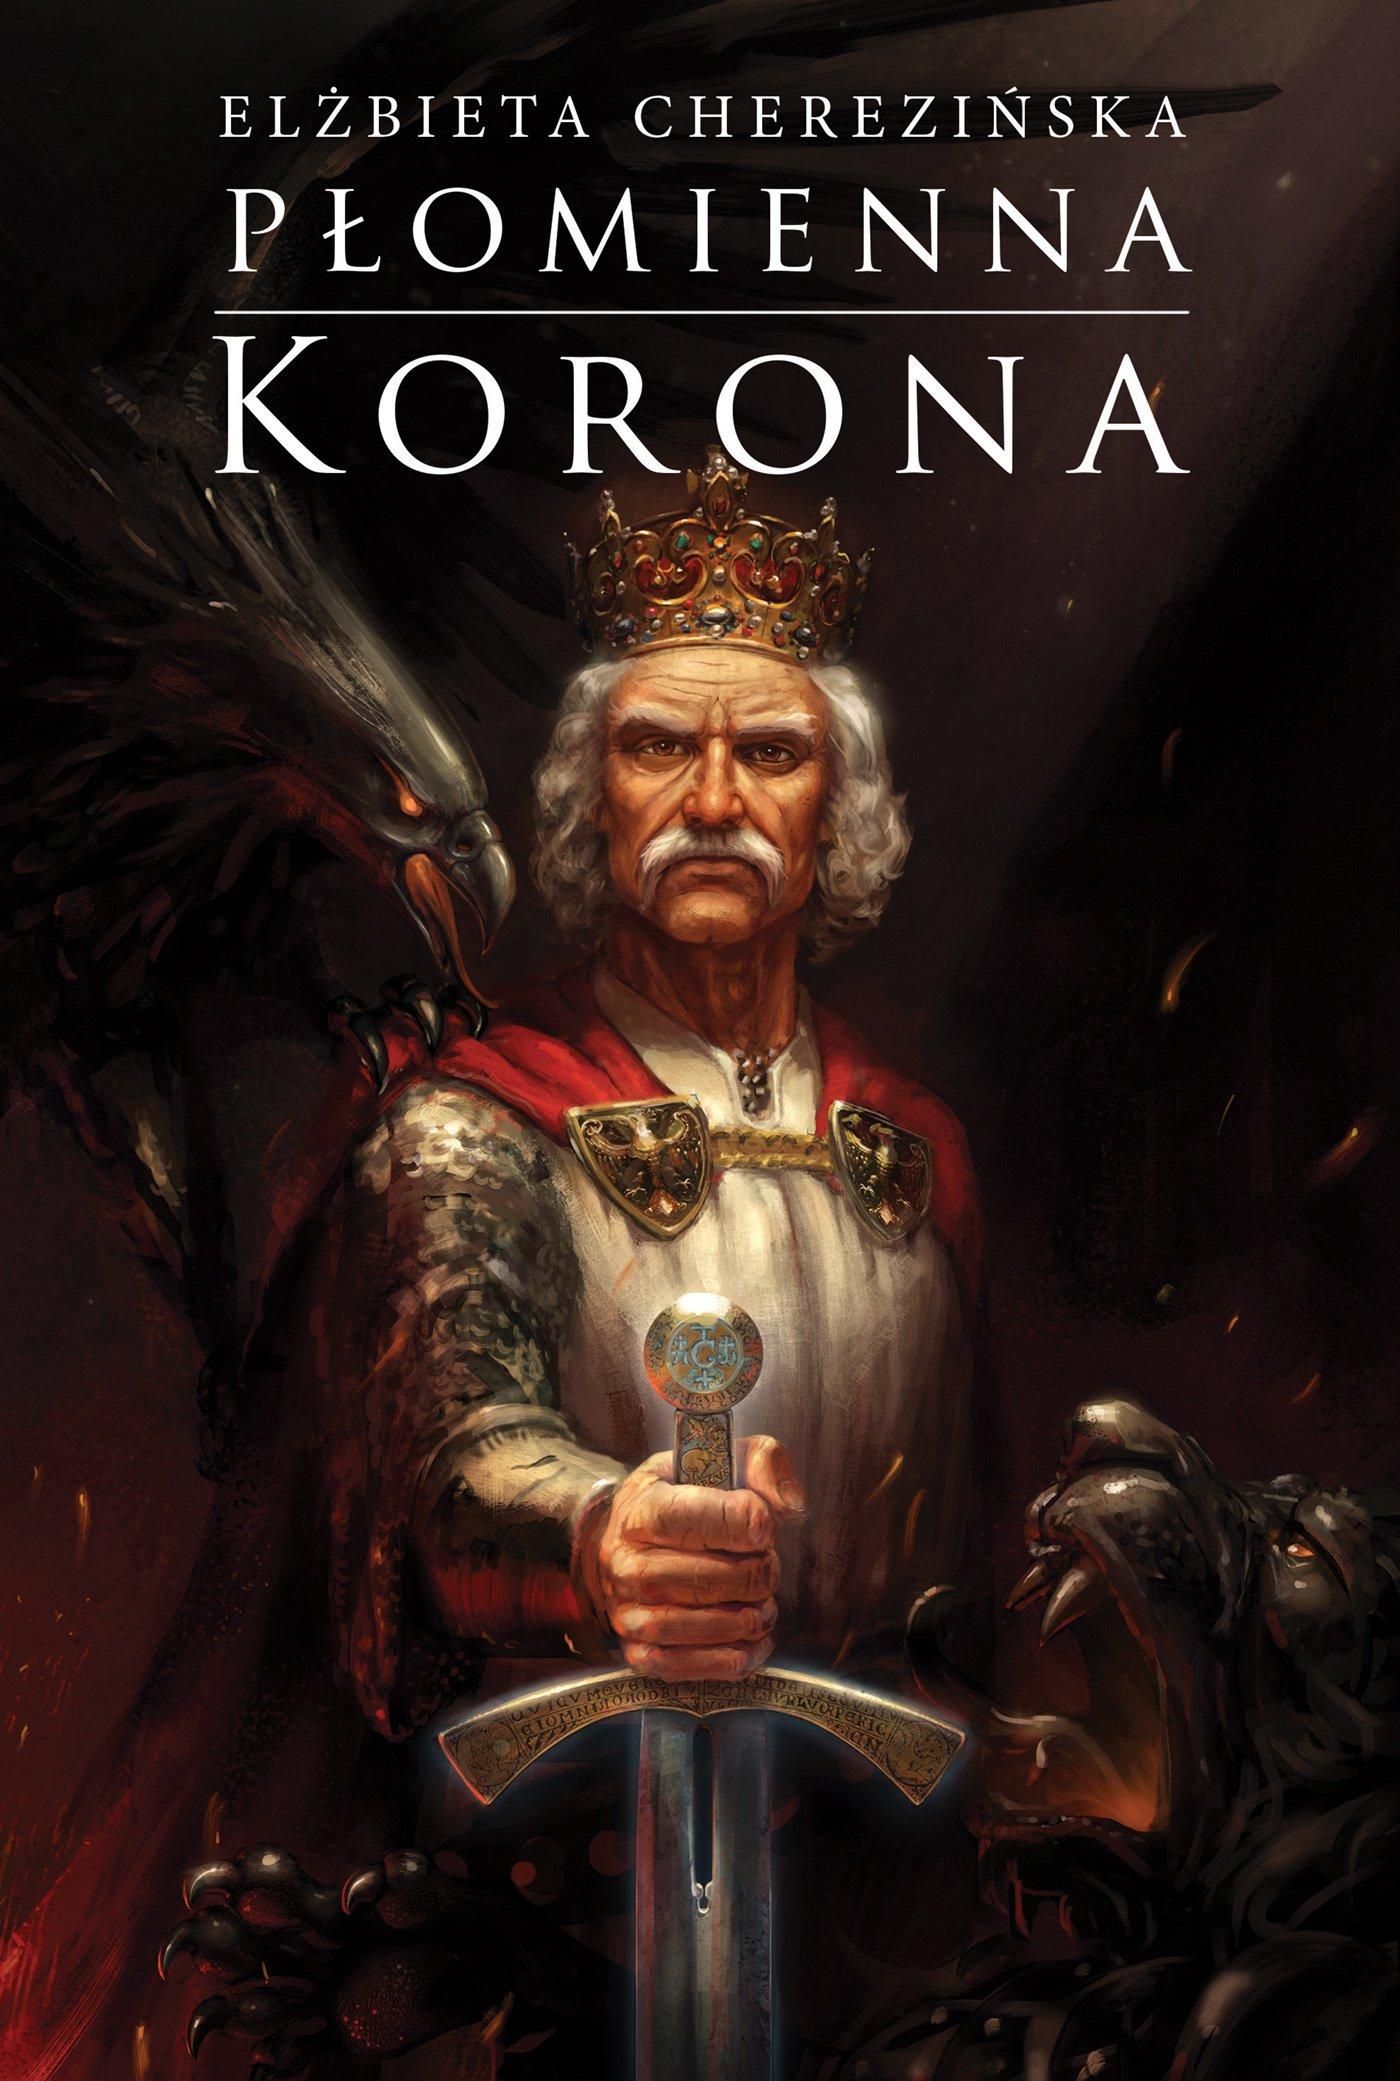 Płomienna korona - Ebook (Książka na Kindle) do pobrania w formacie MOBI